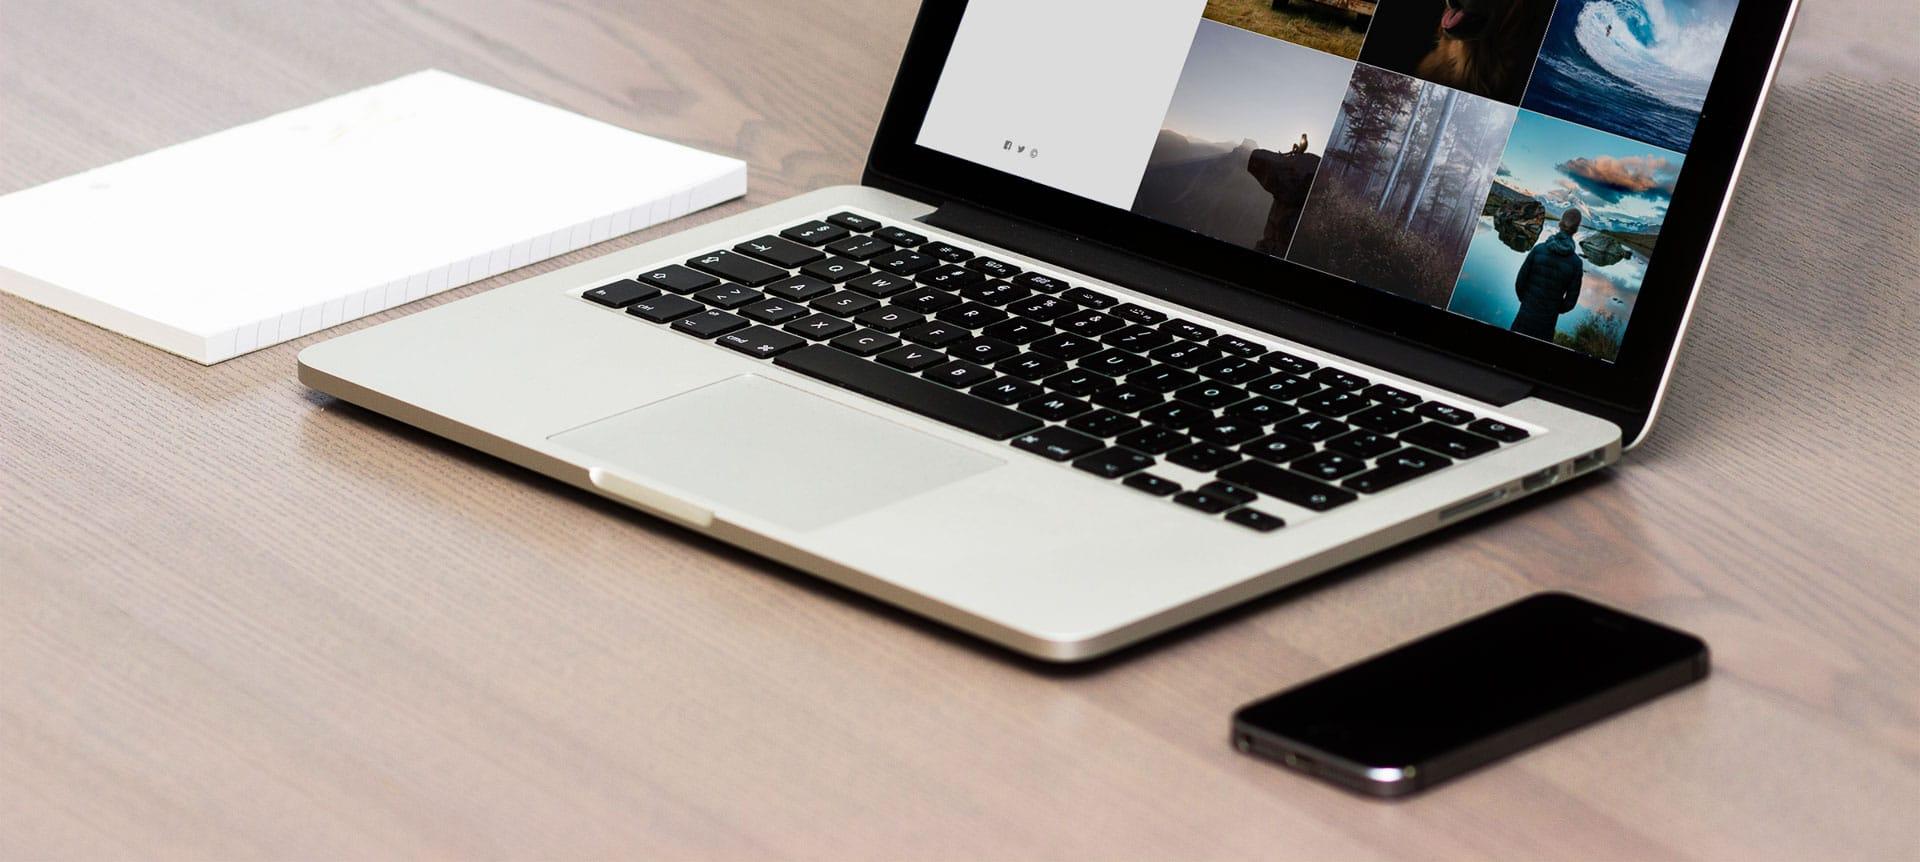 10 razones para preferir una plataforma para crear páginas web de fotografía